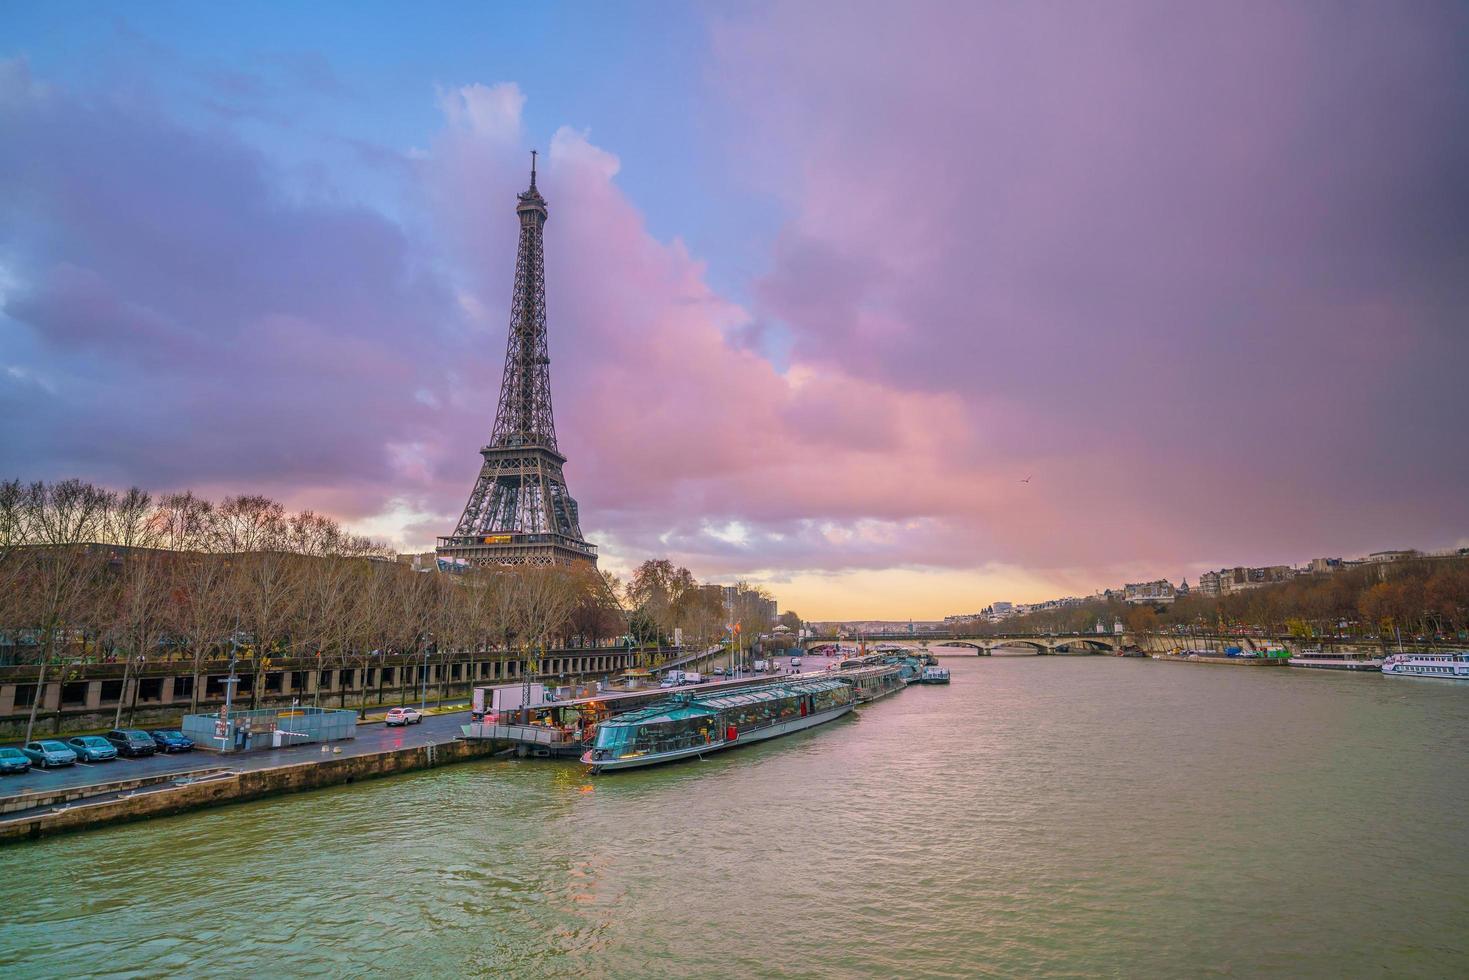 der eiffelturm und die flusswade in der dämmerung in paris foto